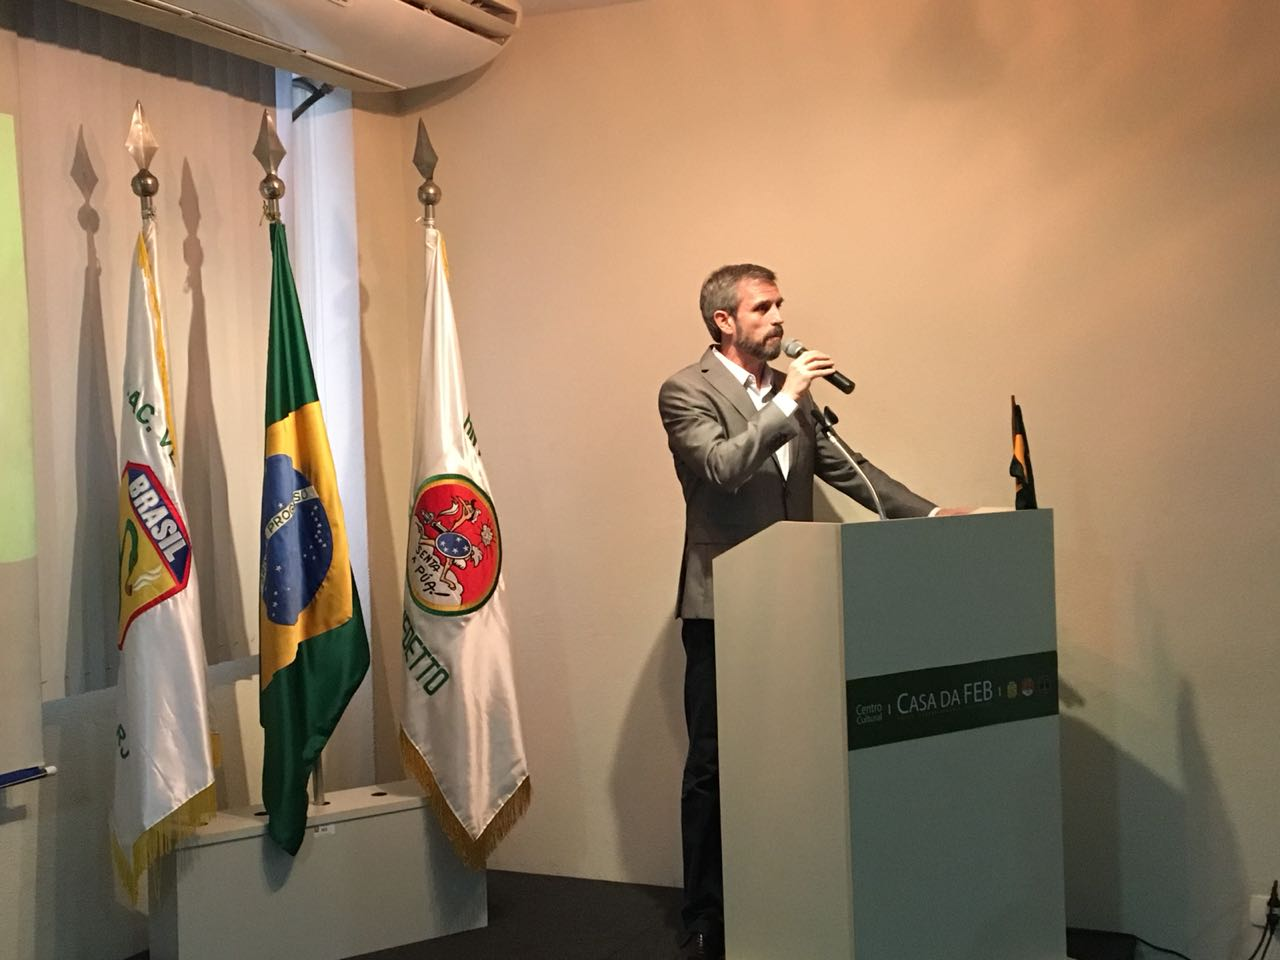 74 Anos do Desembarque da Força Expedicionária Brasileira na Itália comemorados na Casa da FEB